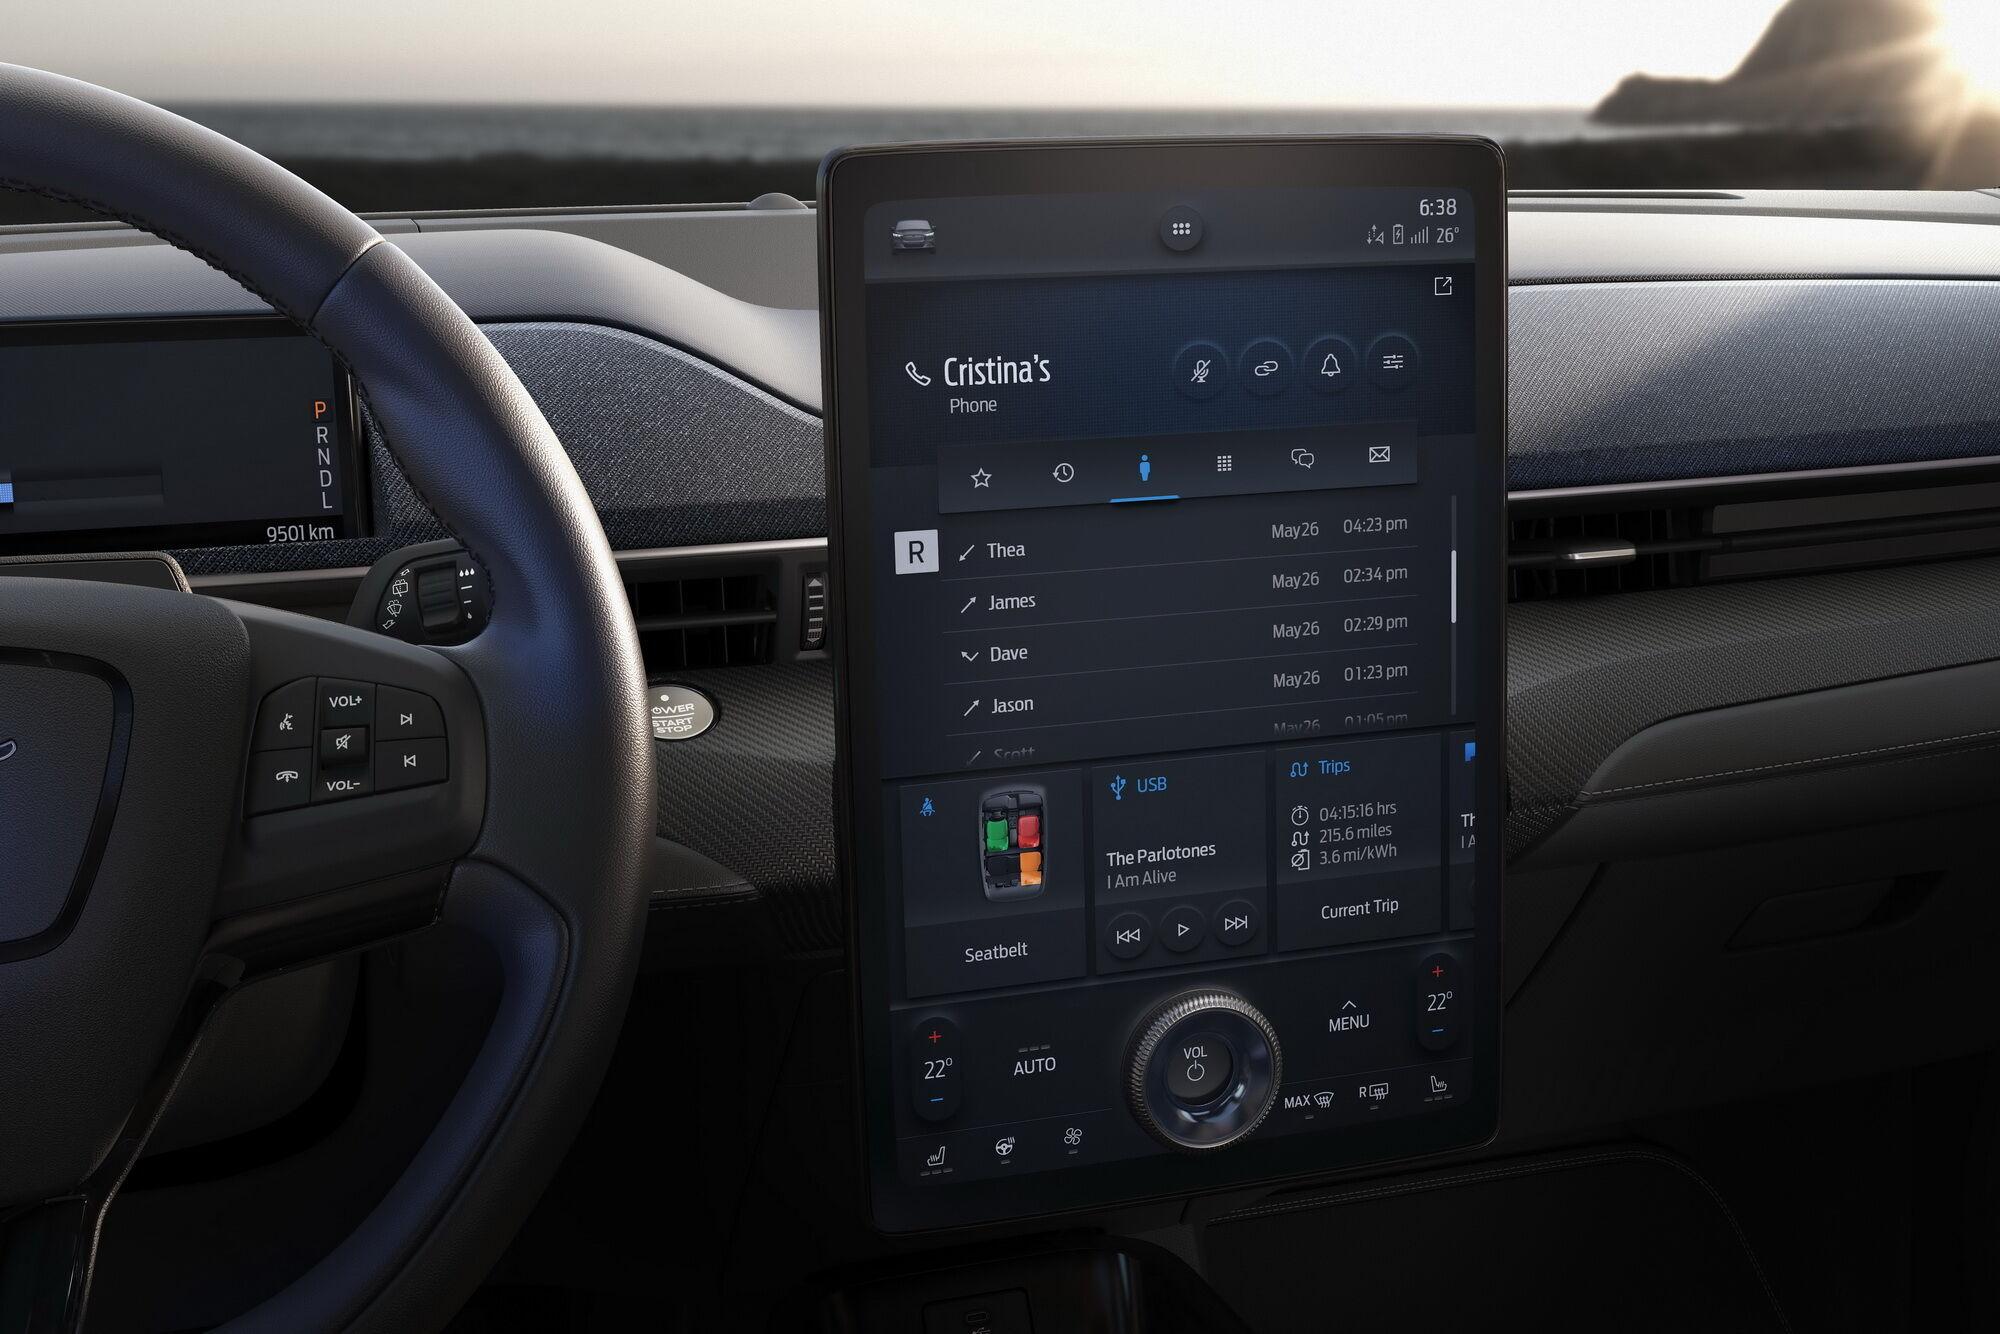 На электрическом кроссовере Ford Mustang Much-e установлена инфо-развлекательная система SYNC 4 с 15,5-дюймовым дисплеем и широкими коммуникационными возможностями